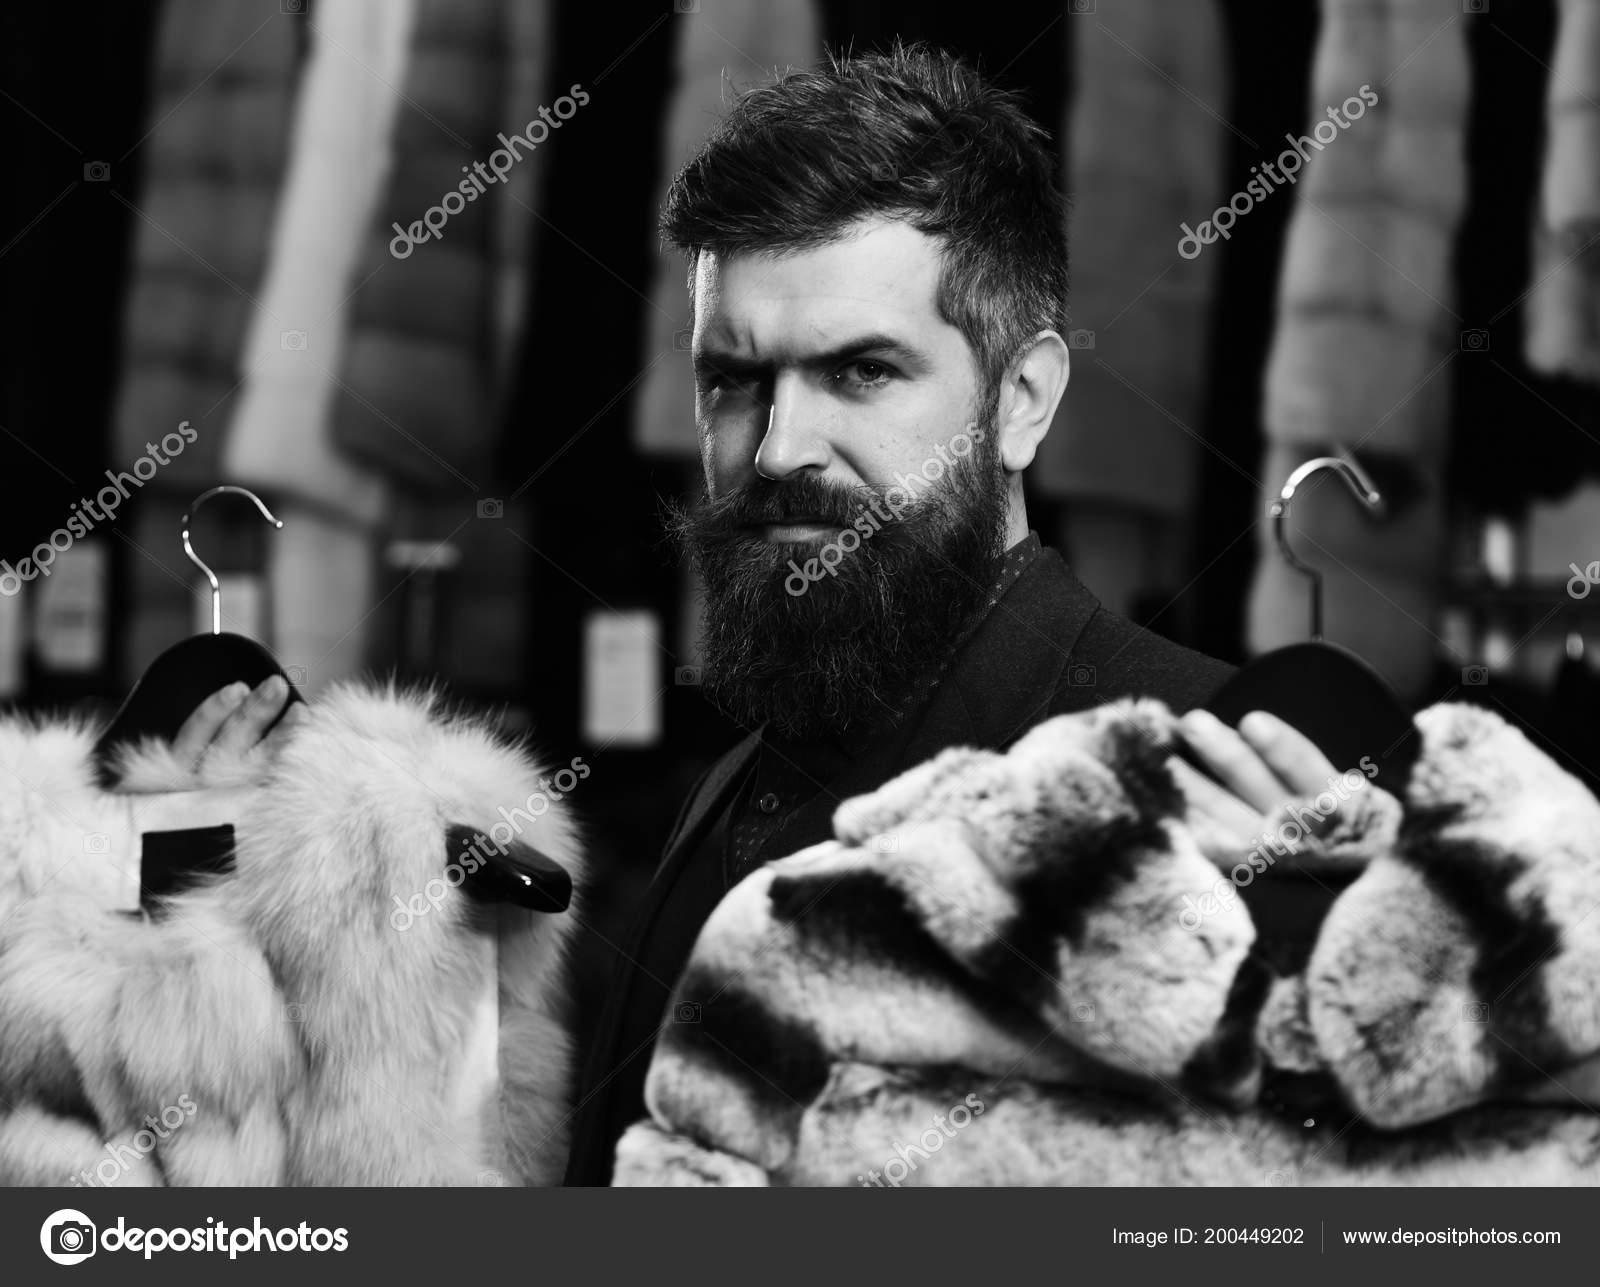 barba elige de con abrigos Cliente glamour Concepto elegancia y Yw0ggq6